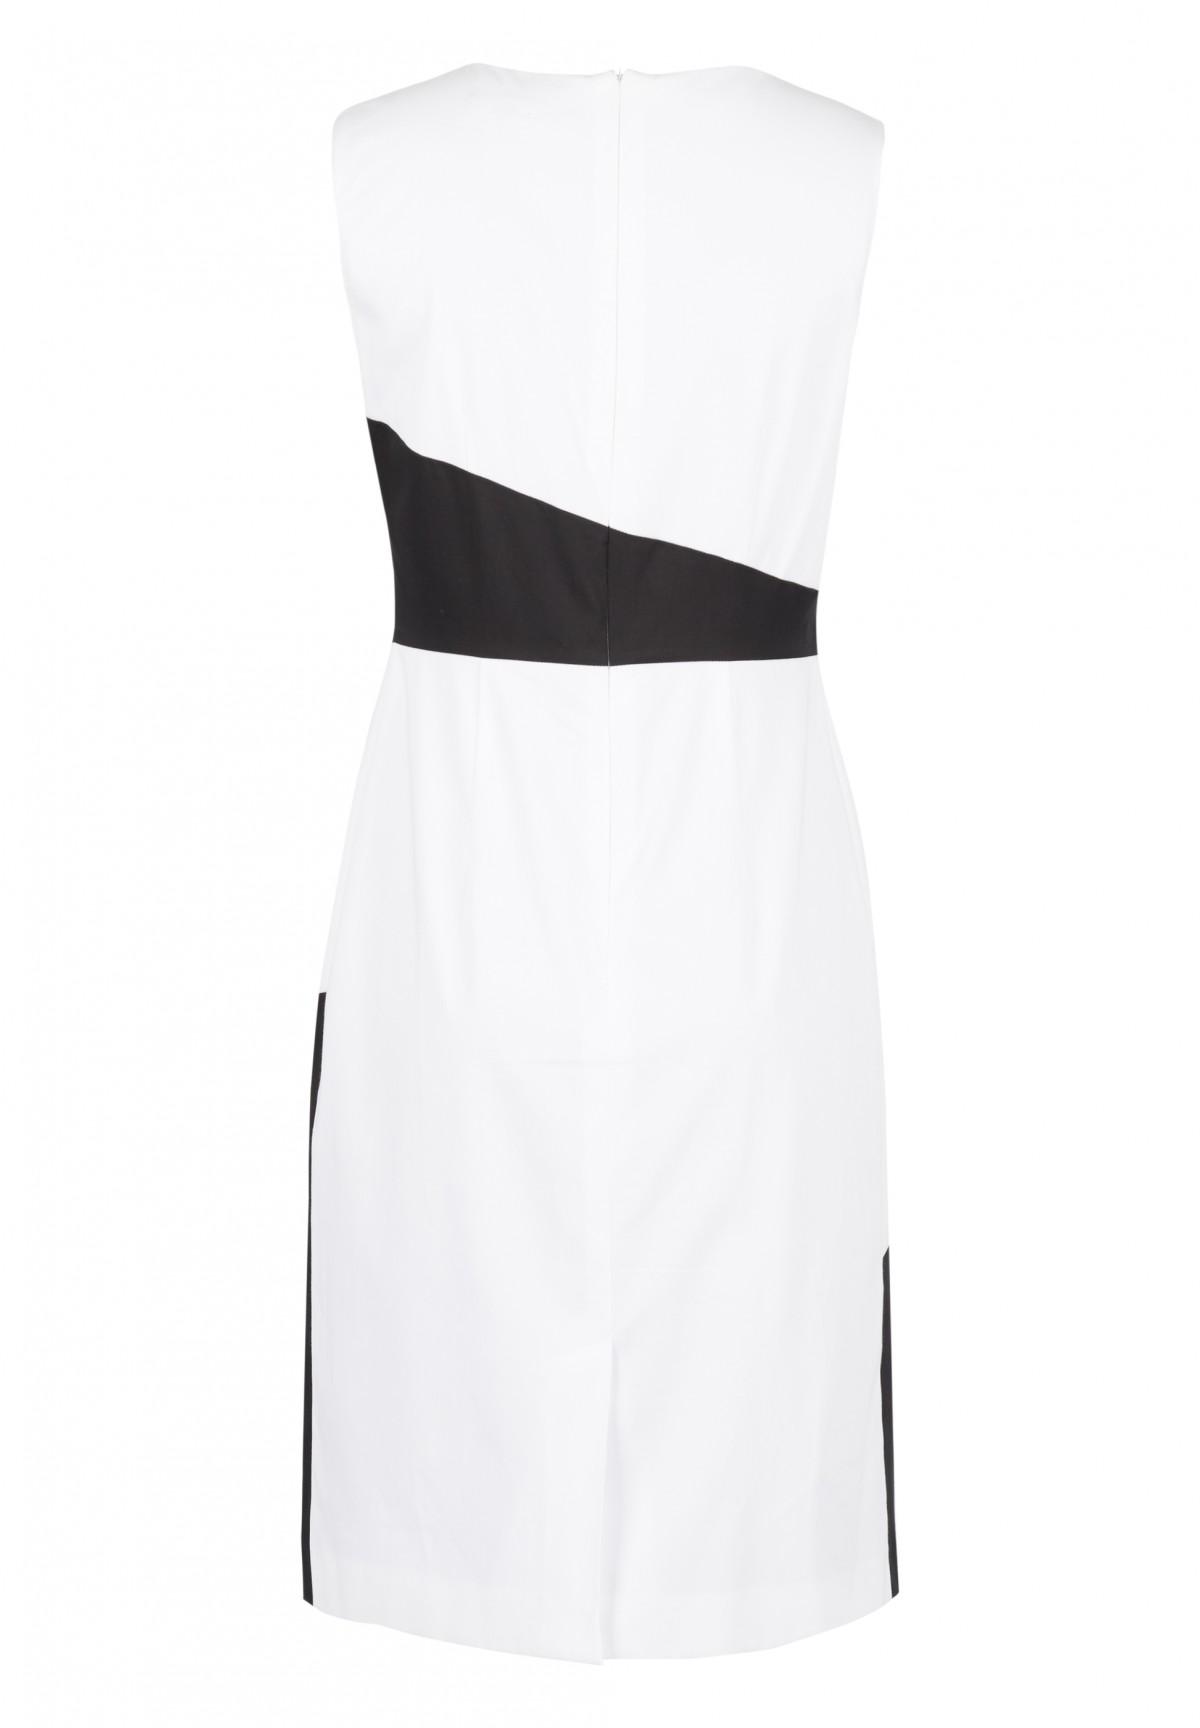 Kleid mit grafischem Design / Kleid